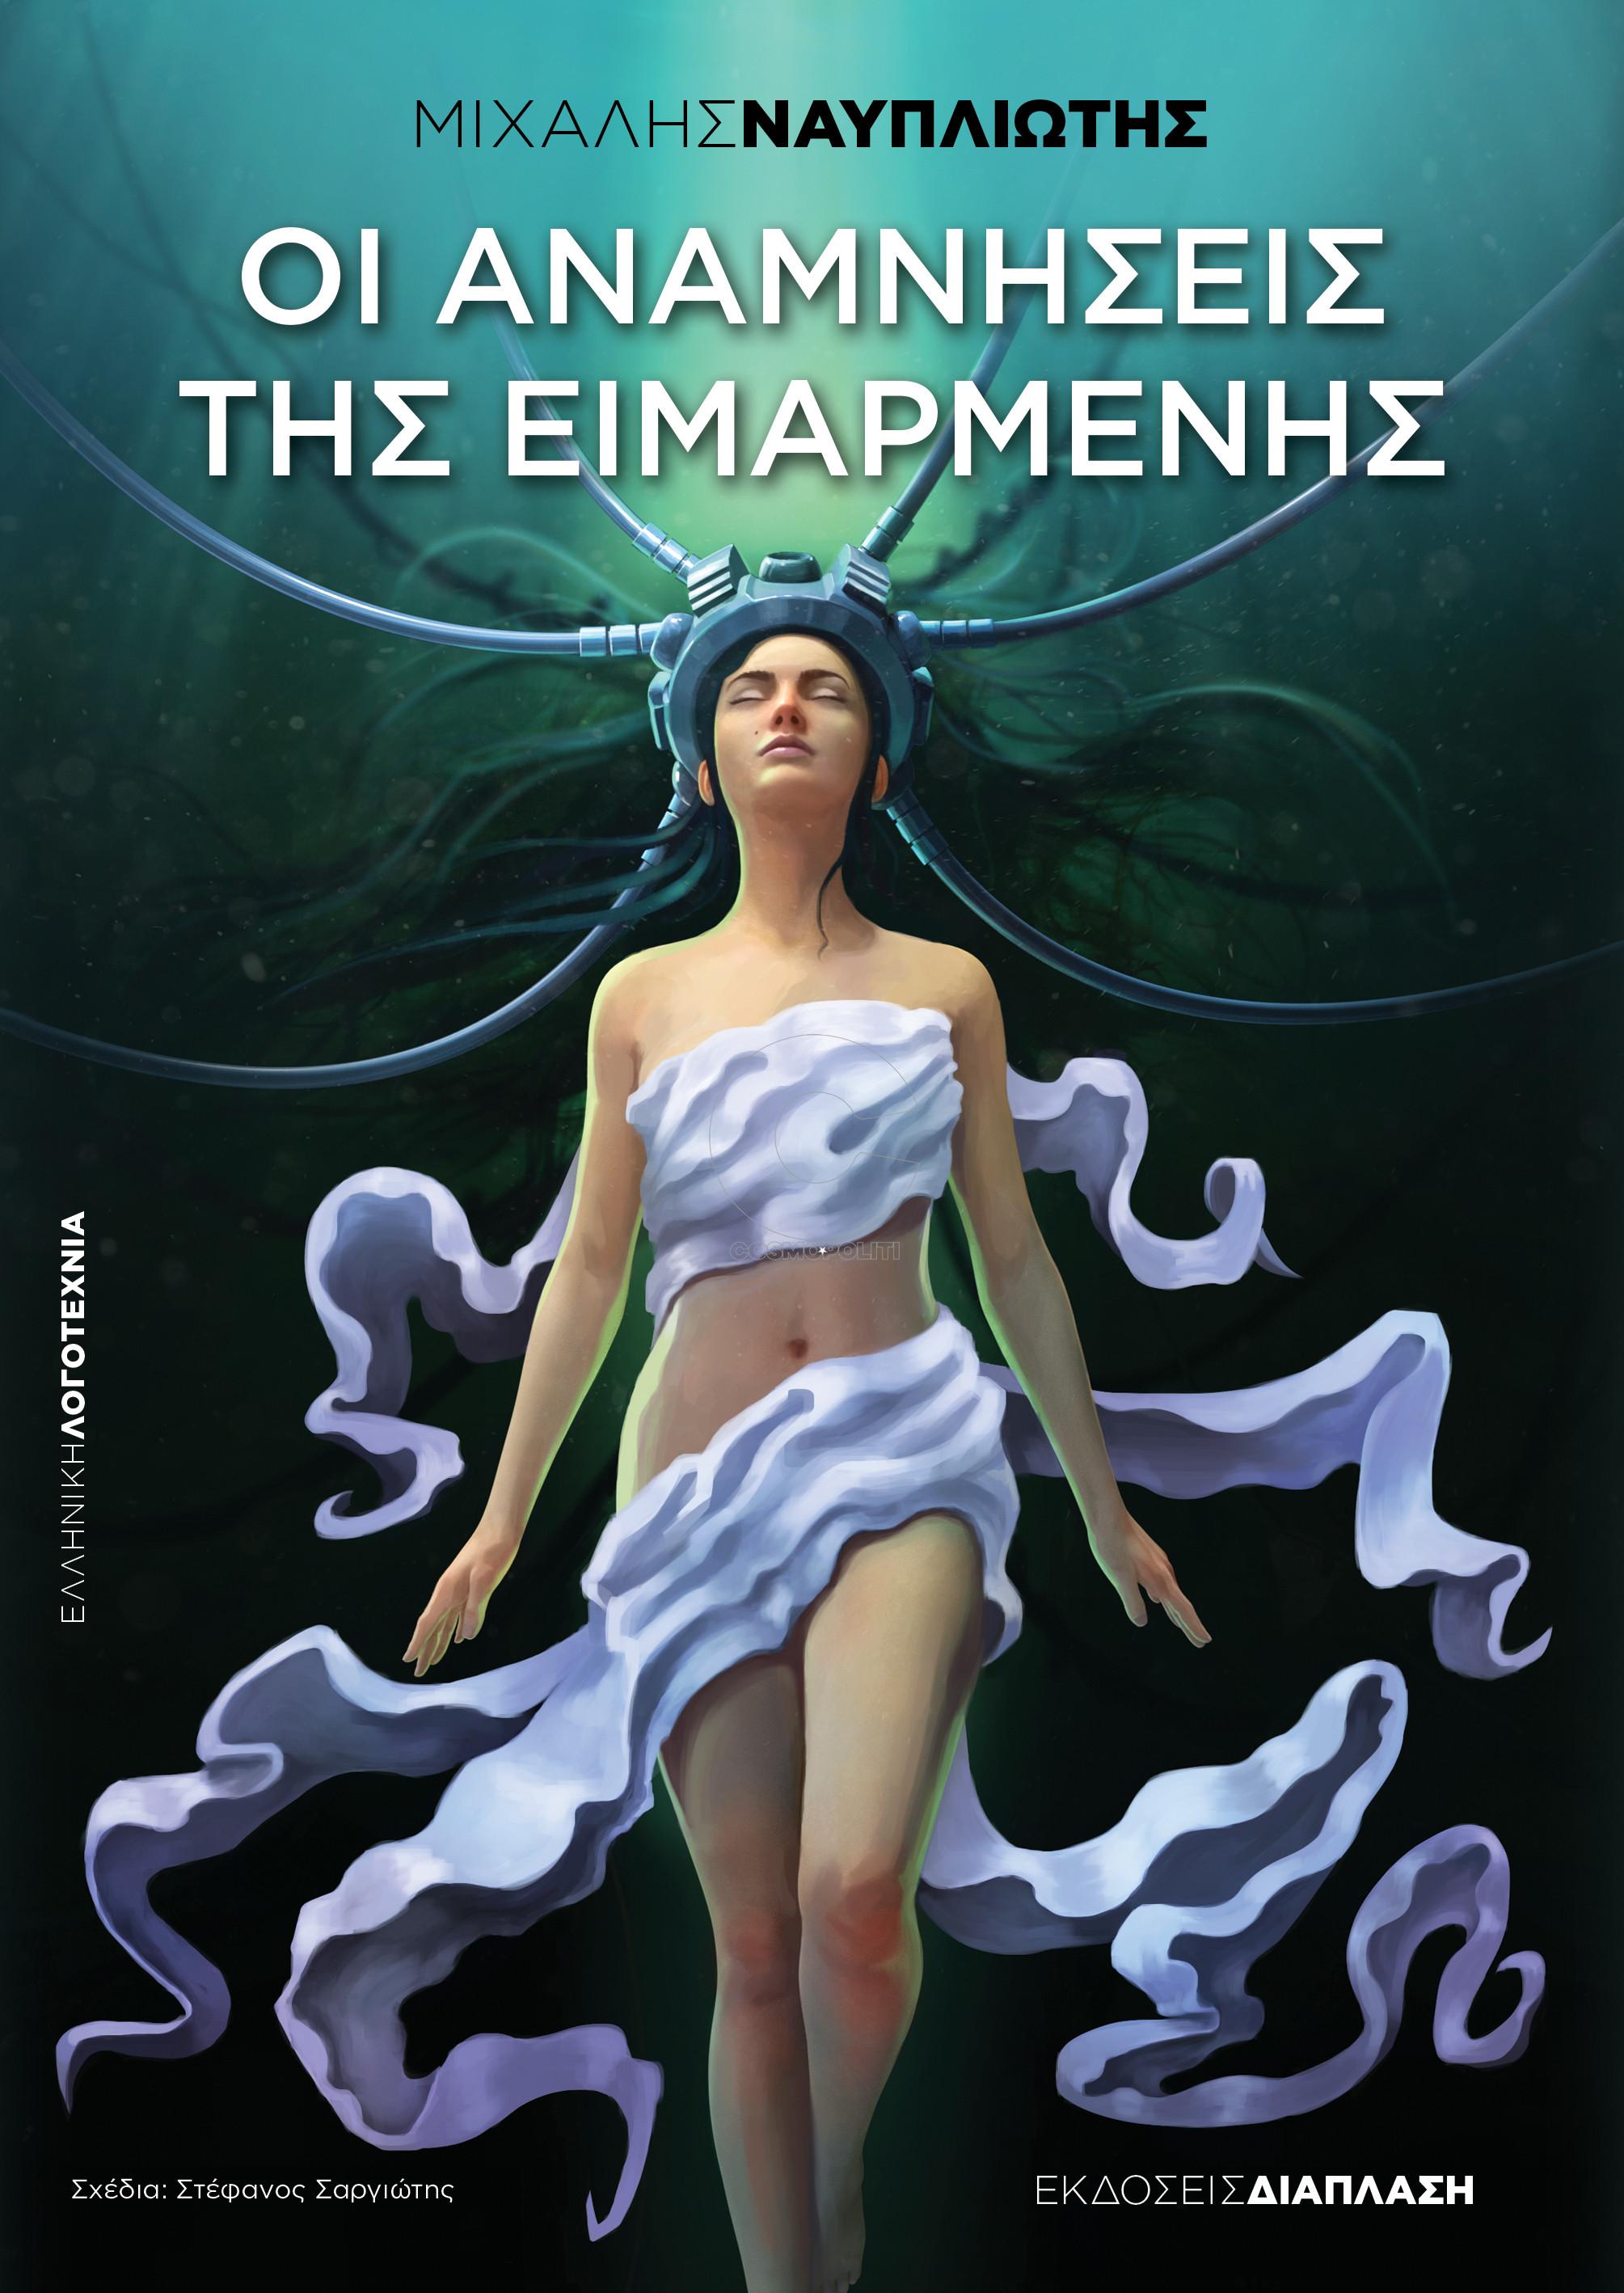 OI ANAMNHSEIS THS EIMARMENHS - EXWFYLLO